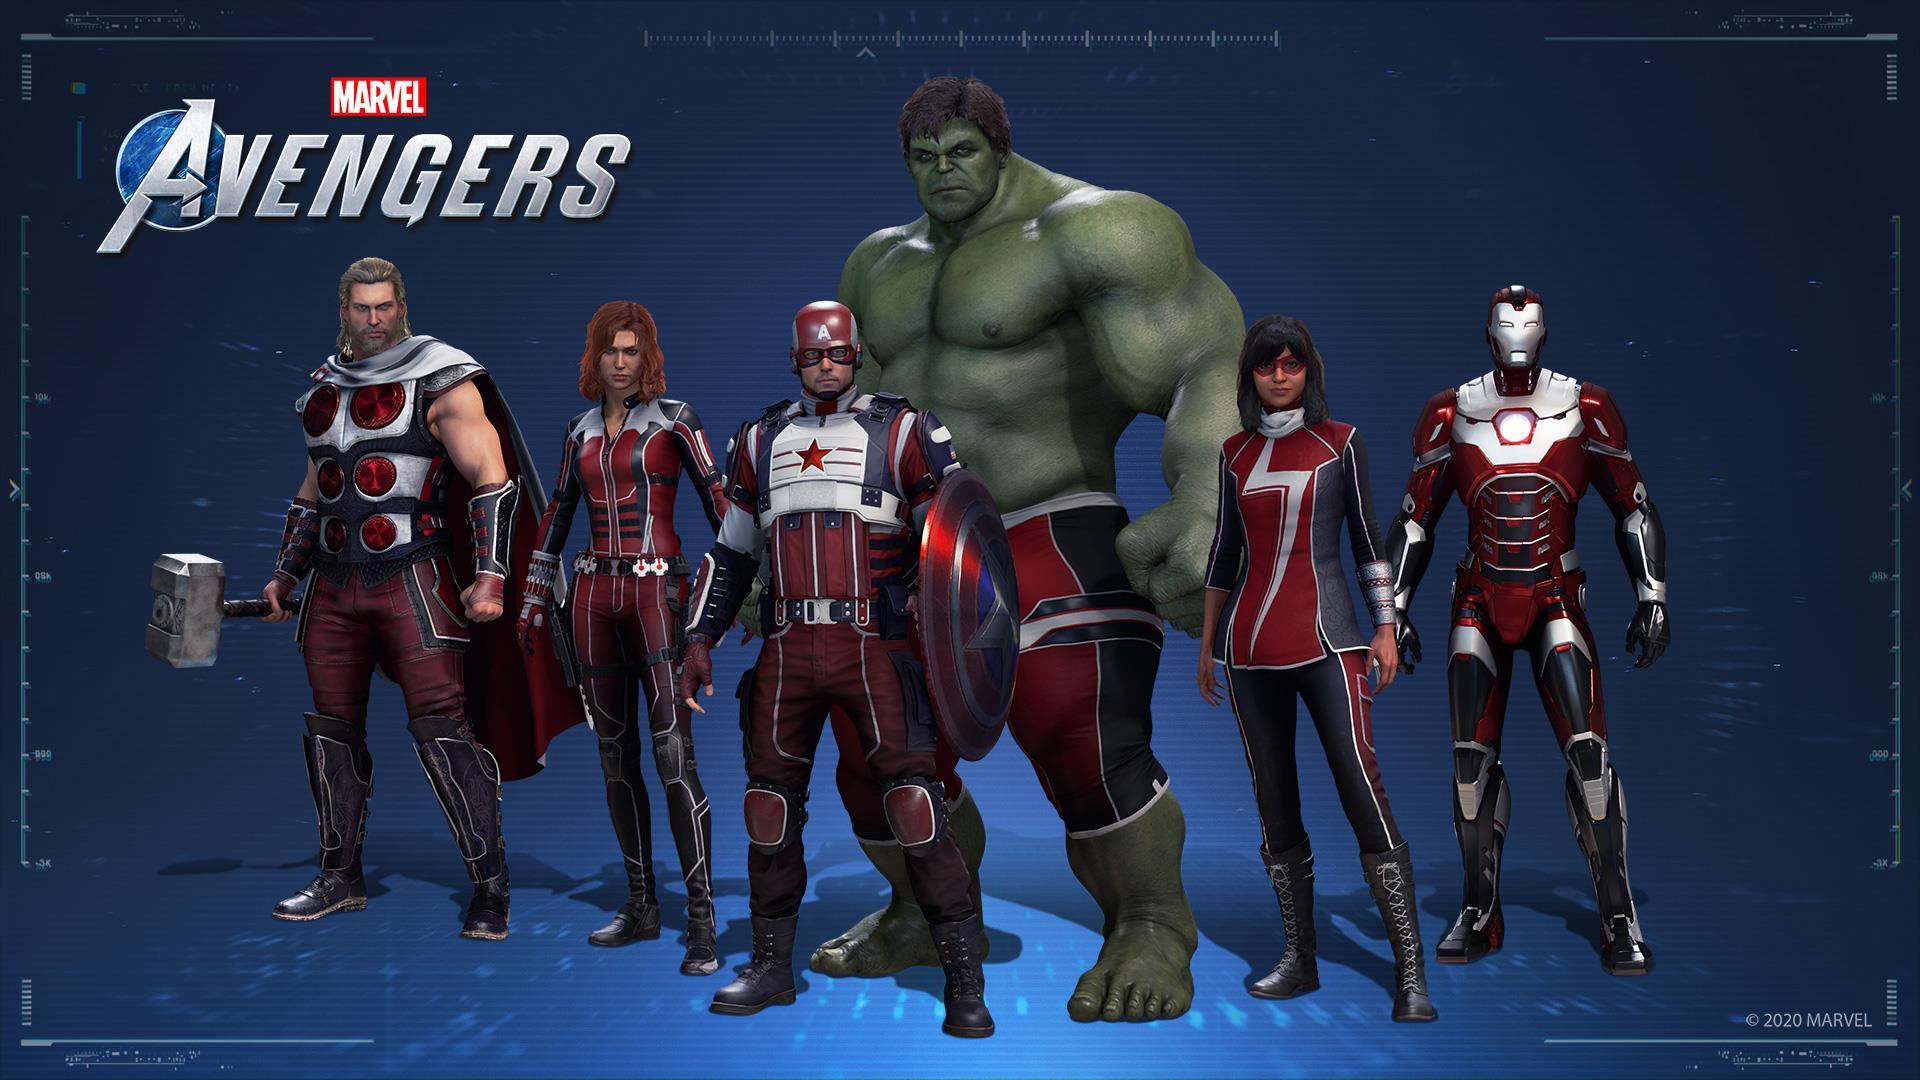 01034.vxLXtwb.jpg - Marvel's Avengers